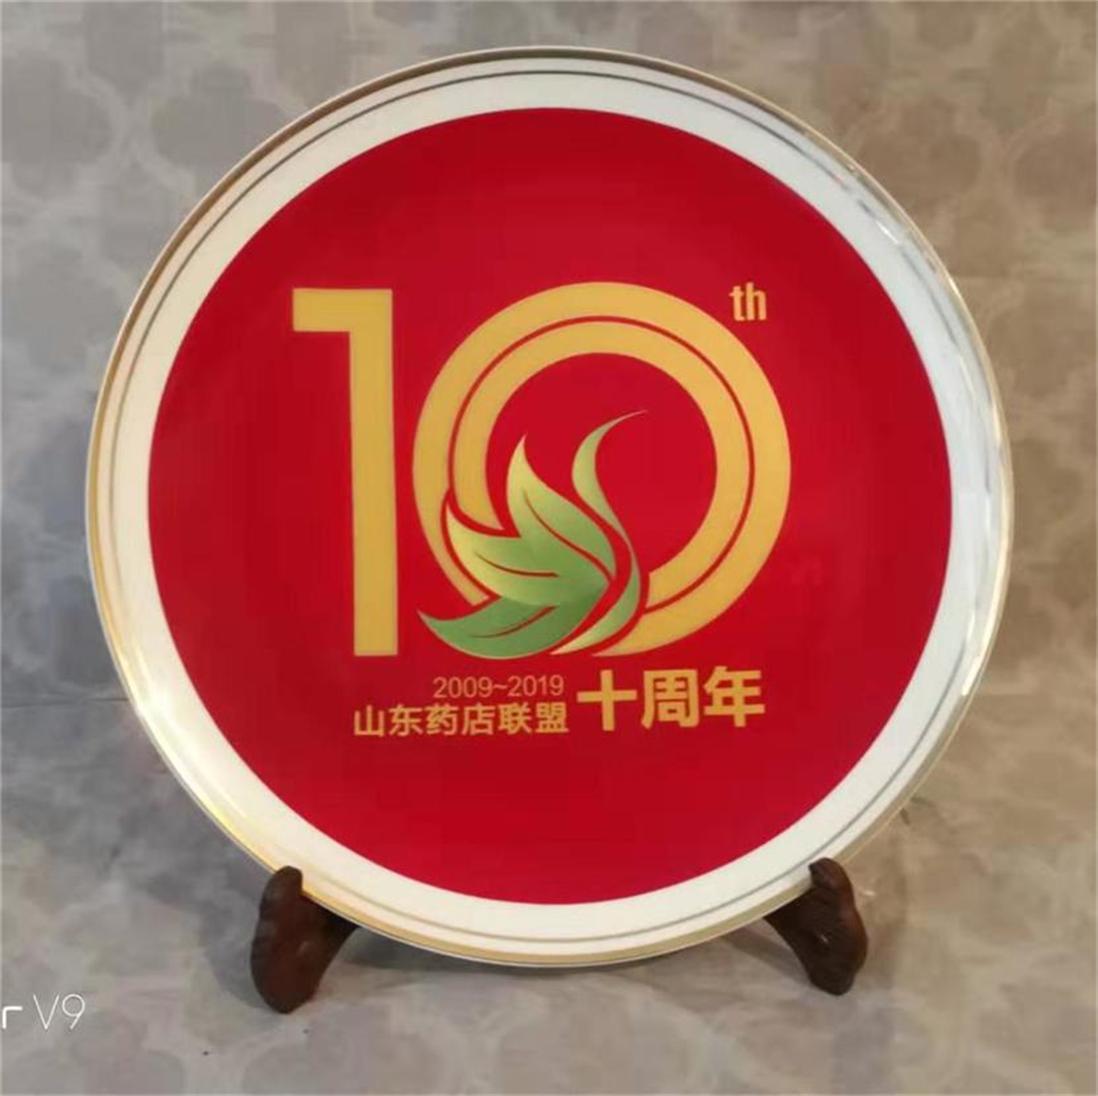 定制商会成立十周年礼品陶瓷摆盘厂家